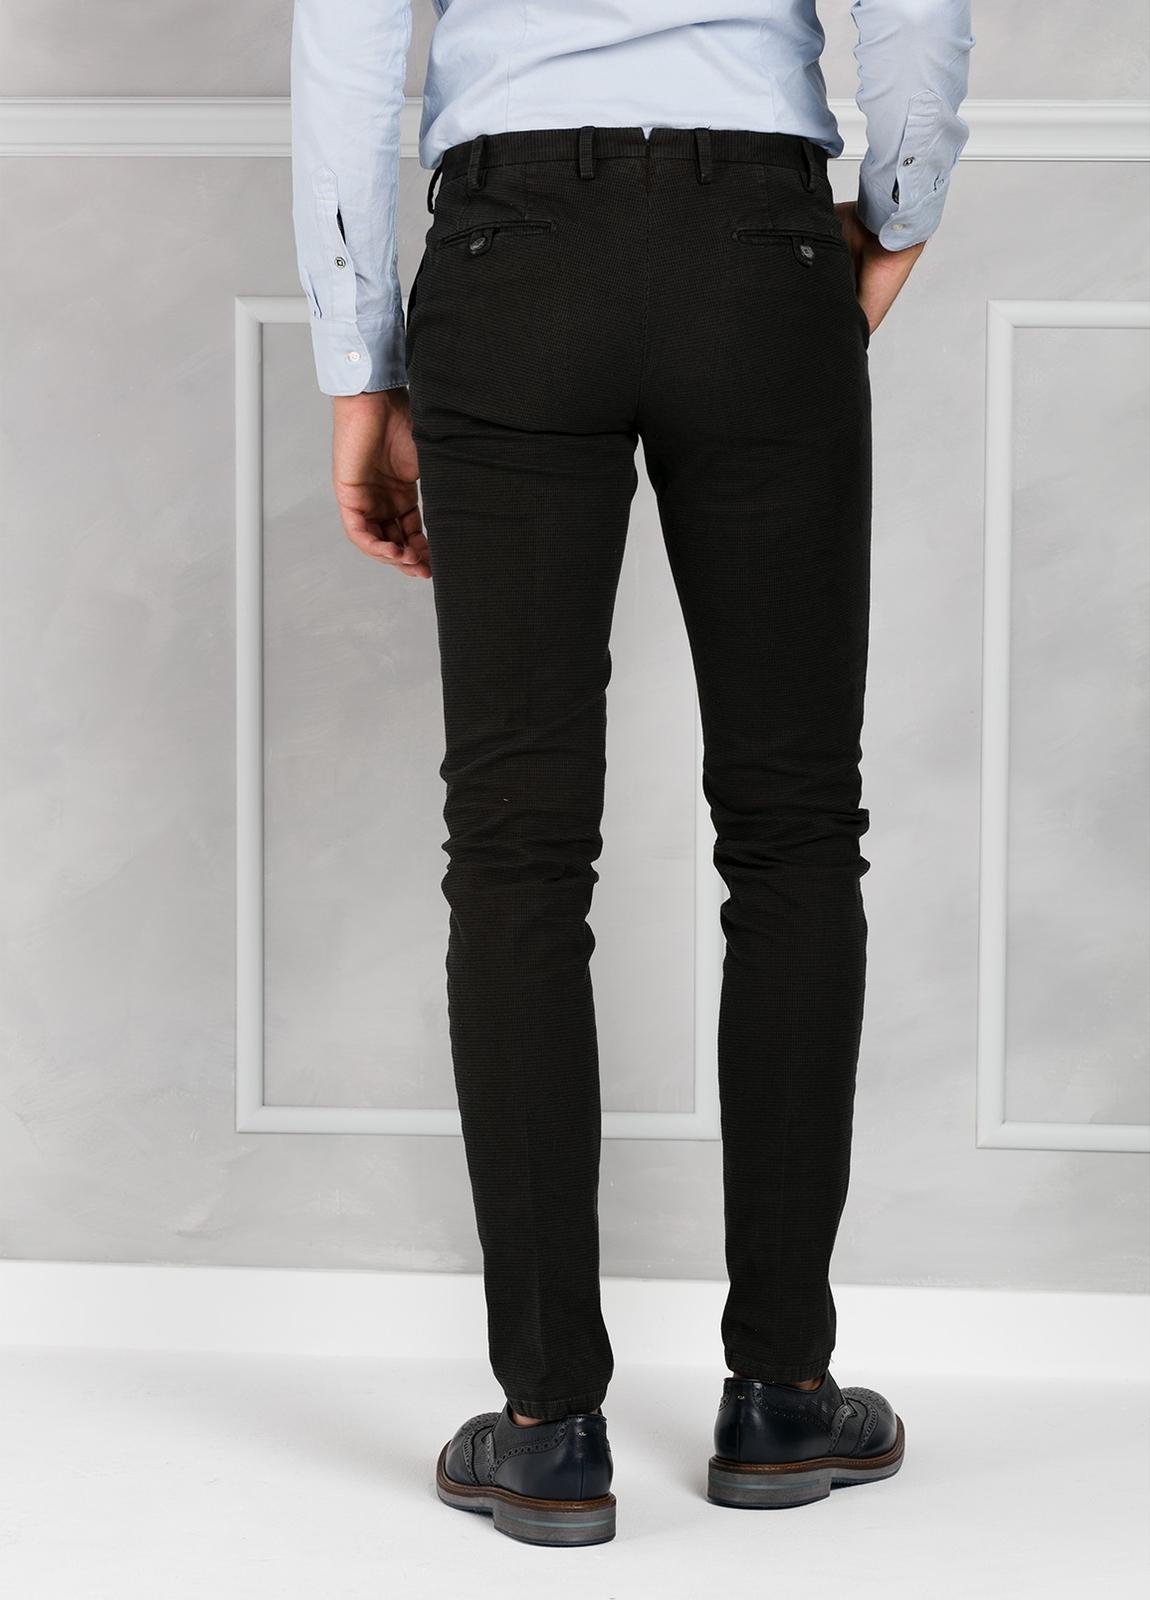 Pantalón sport pata de gallo slim fit color kaki. 98% Algodón 2% Elastano. - Ítem3